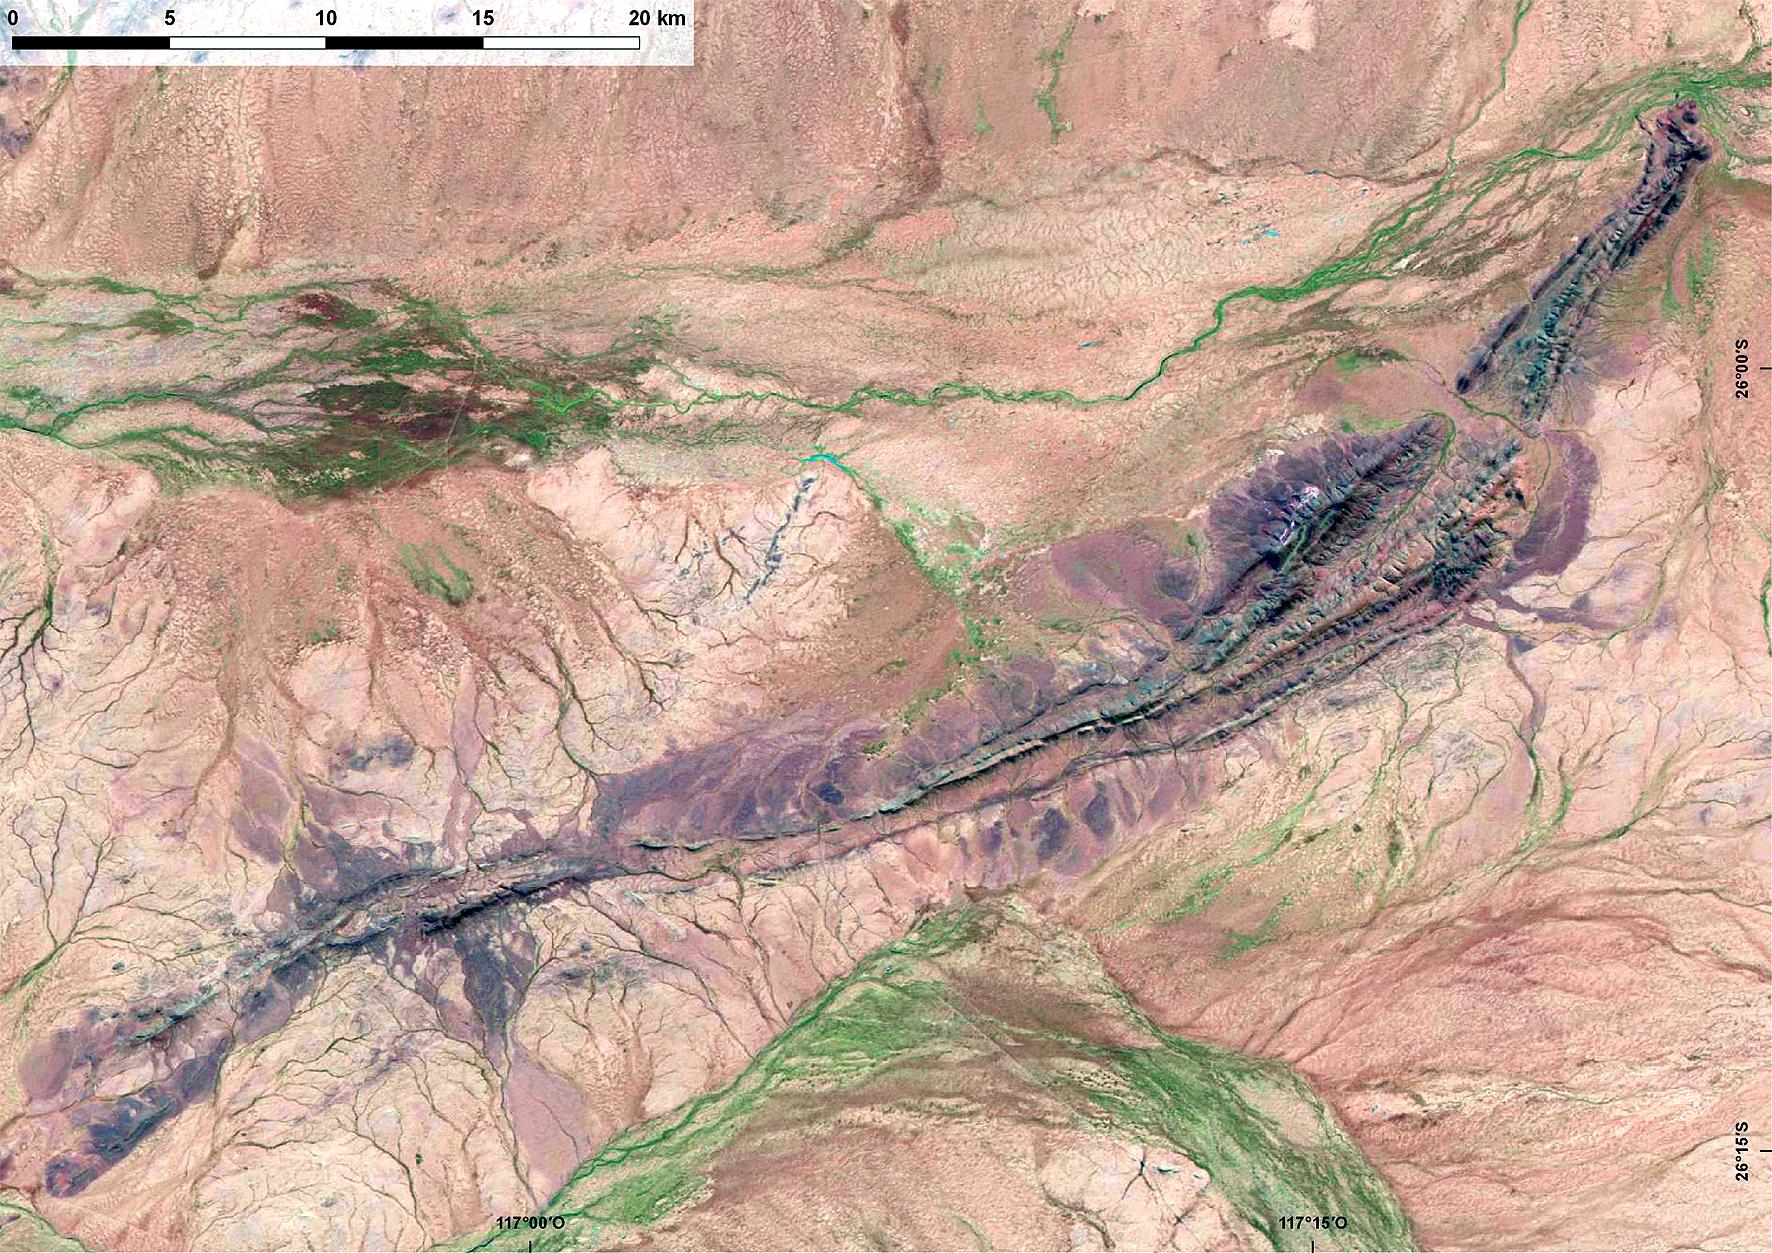 età risalente rocce sedimentarie siti di incontri gratuiti senza registrazione richiesta